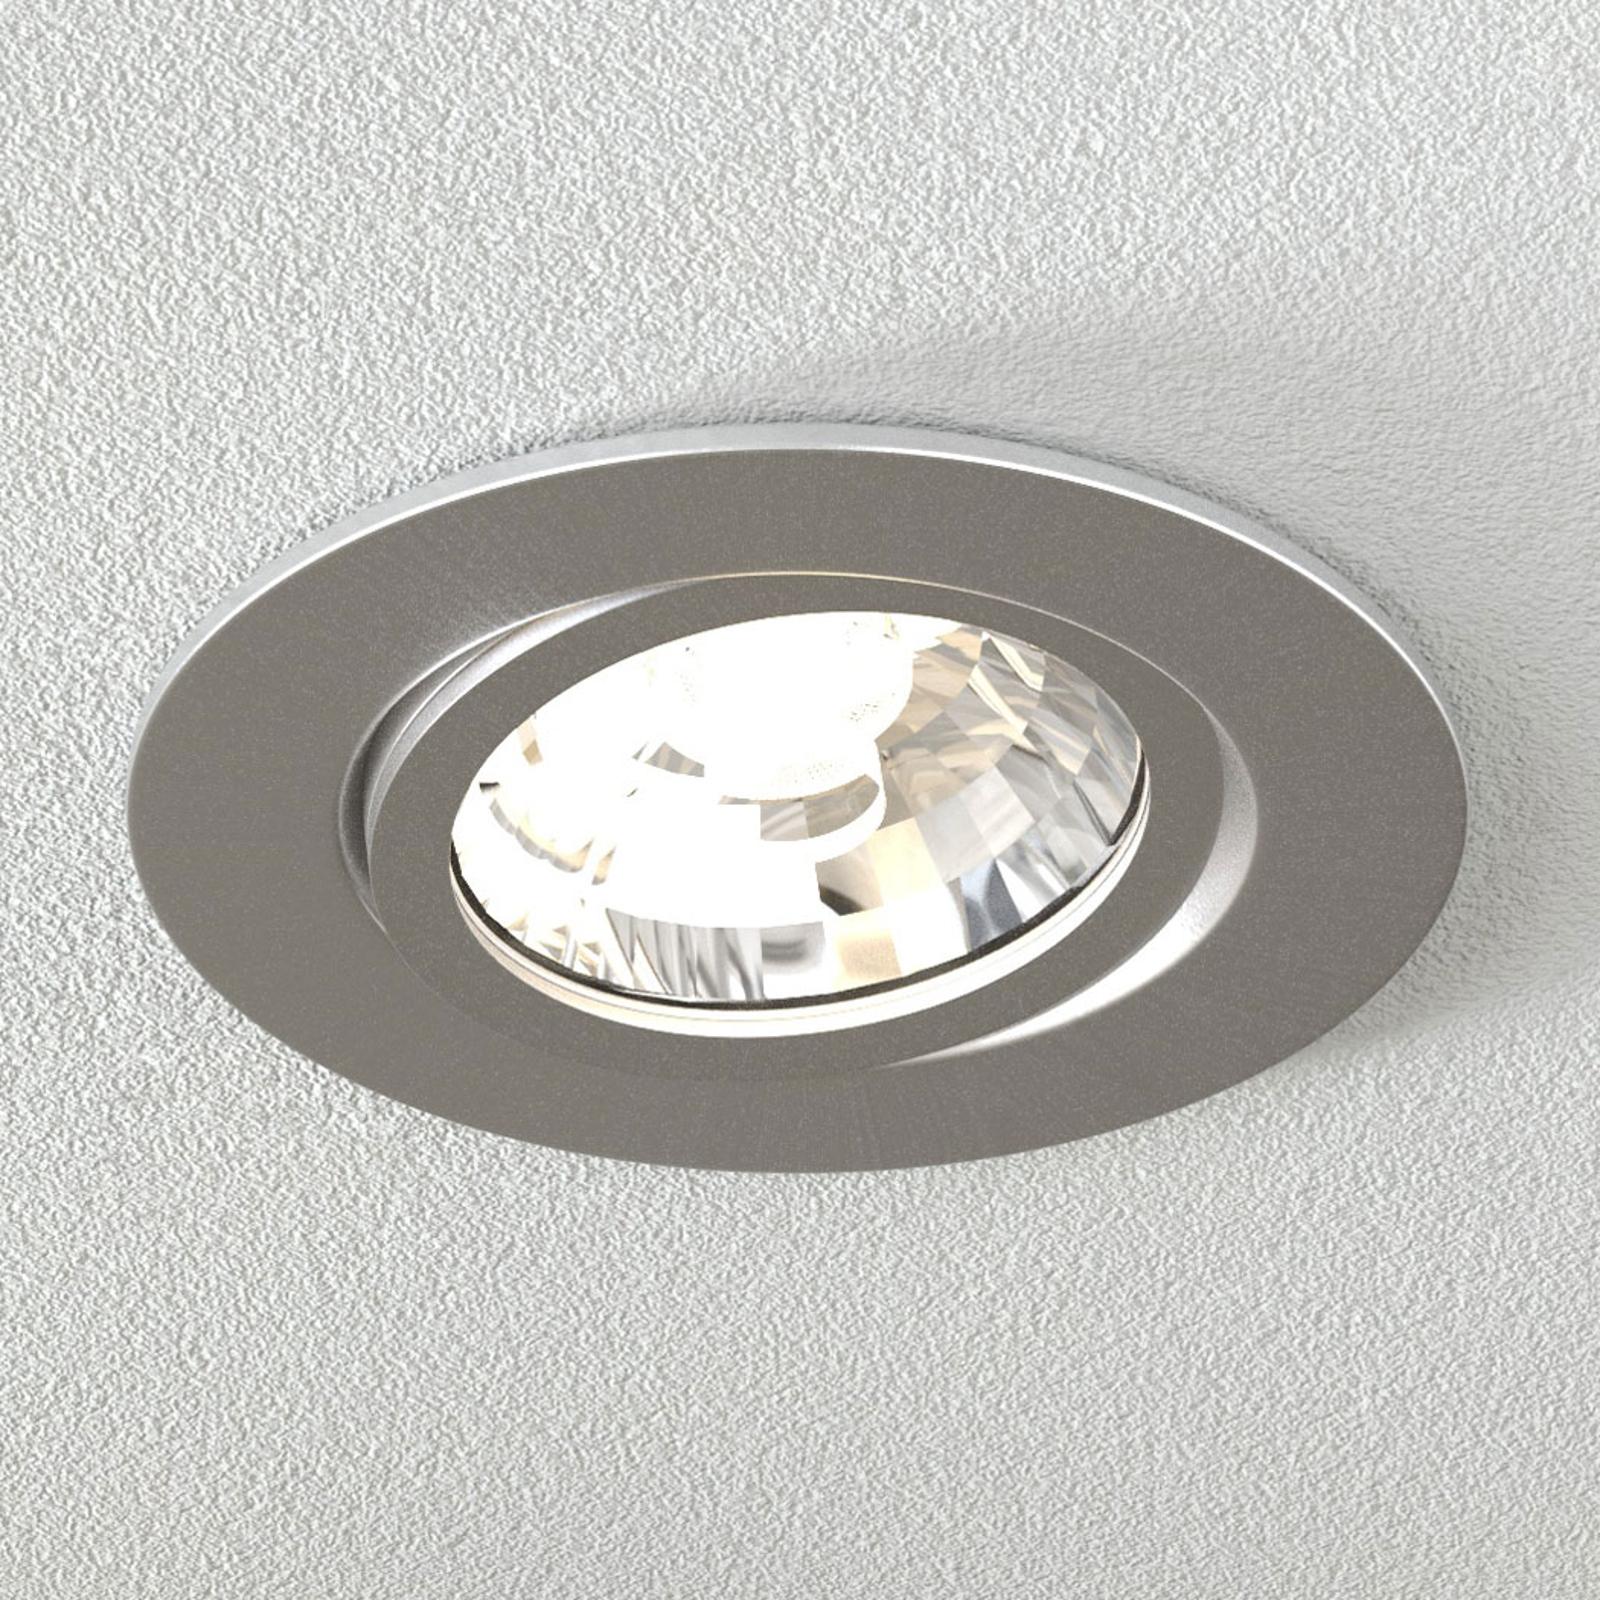 LED-uppovalaisin Rico 6,5 W, harj. teräs